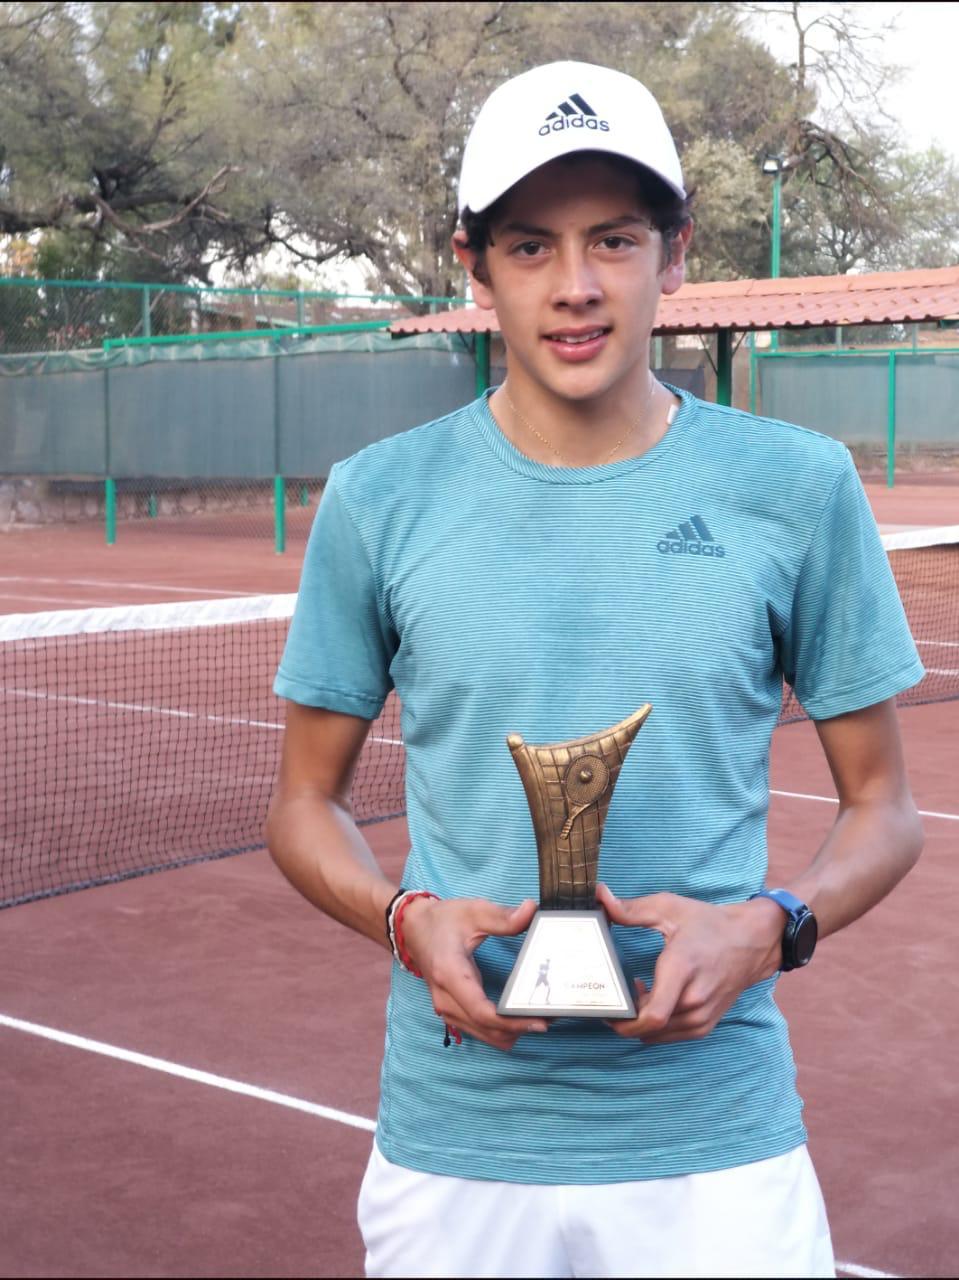 Rafa Candelas campeón del Torneo Regional de la Federación Mexicana de Tenis (FMT)